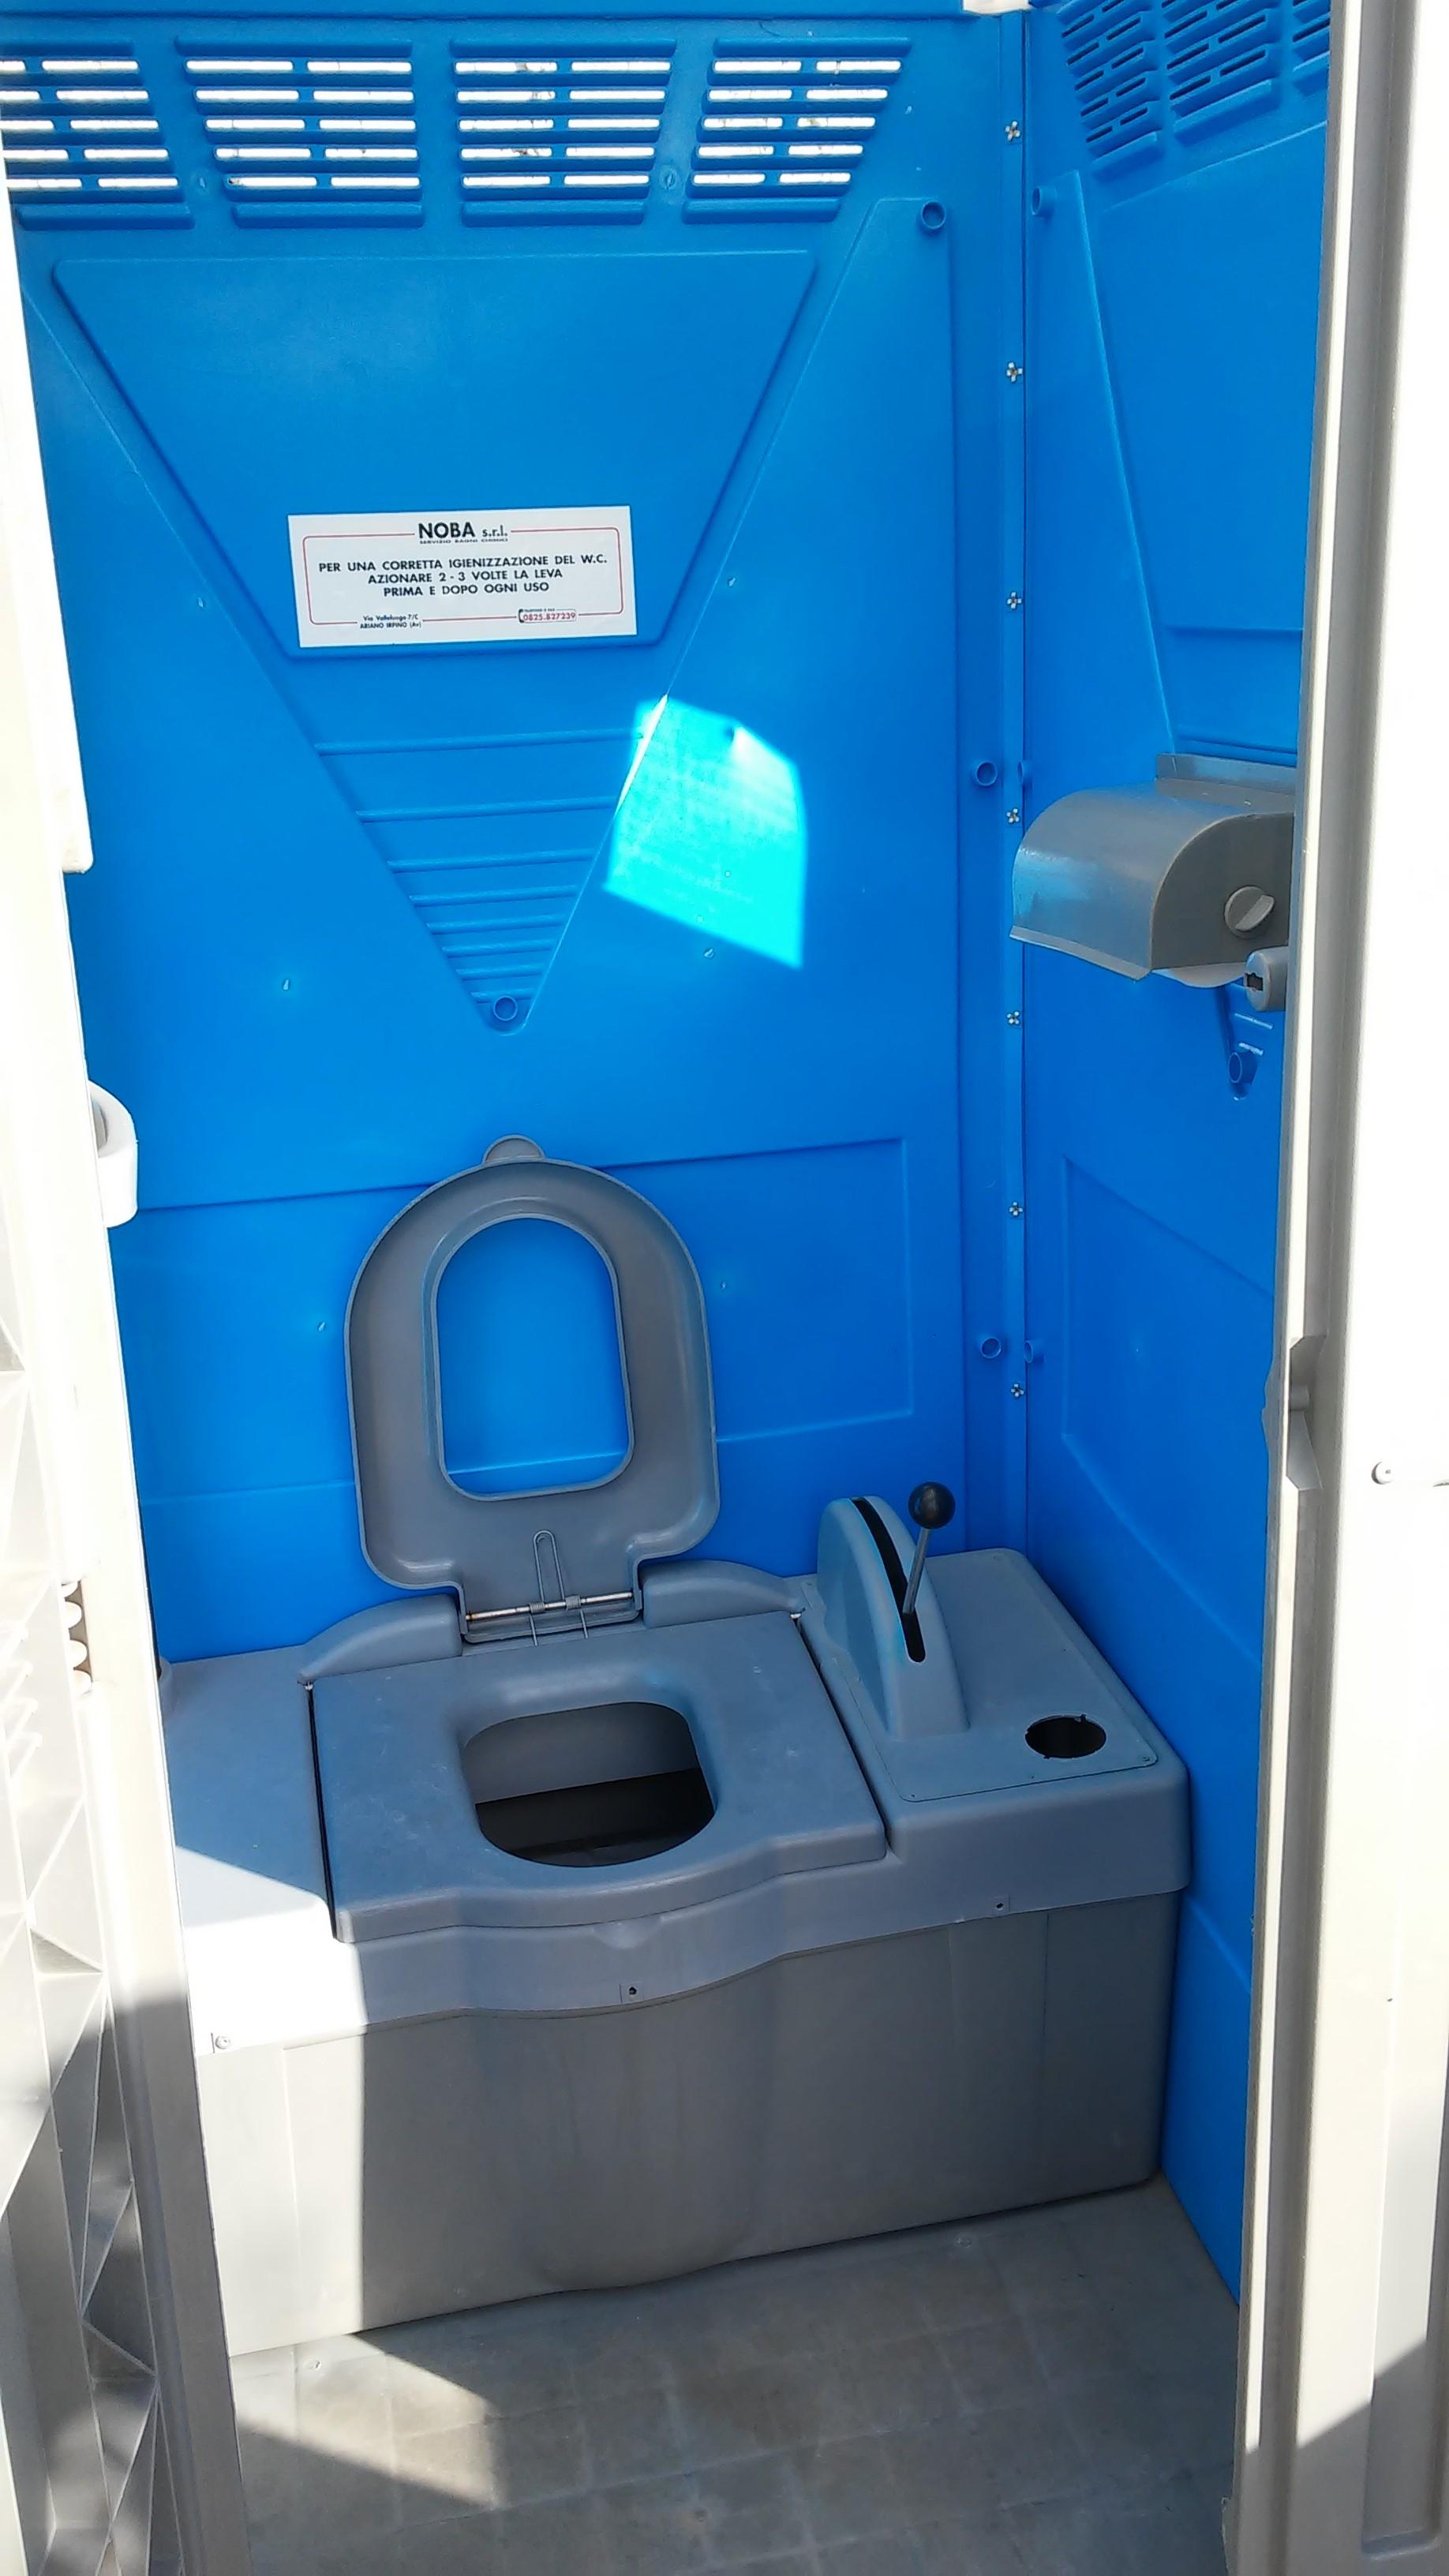 Prezzi produzione noleggio bagni mobili chimici wc per disabili - Bagni chimici noleggio ...